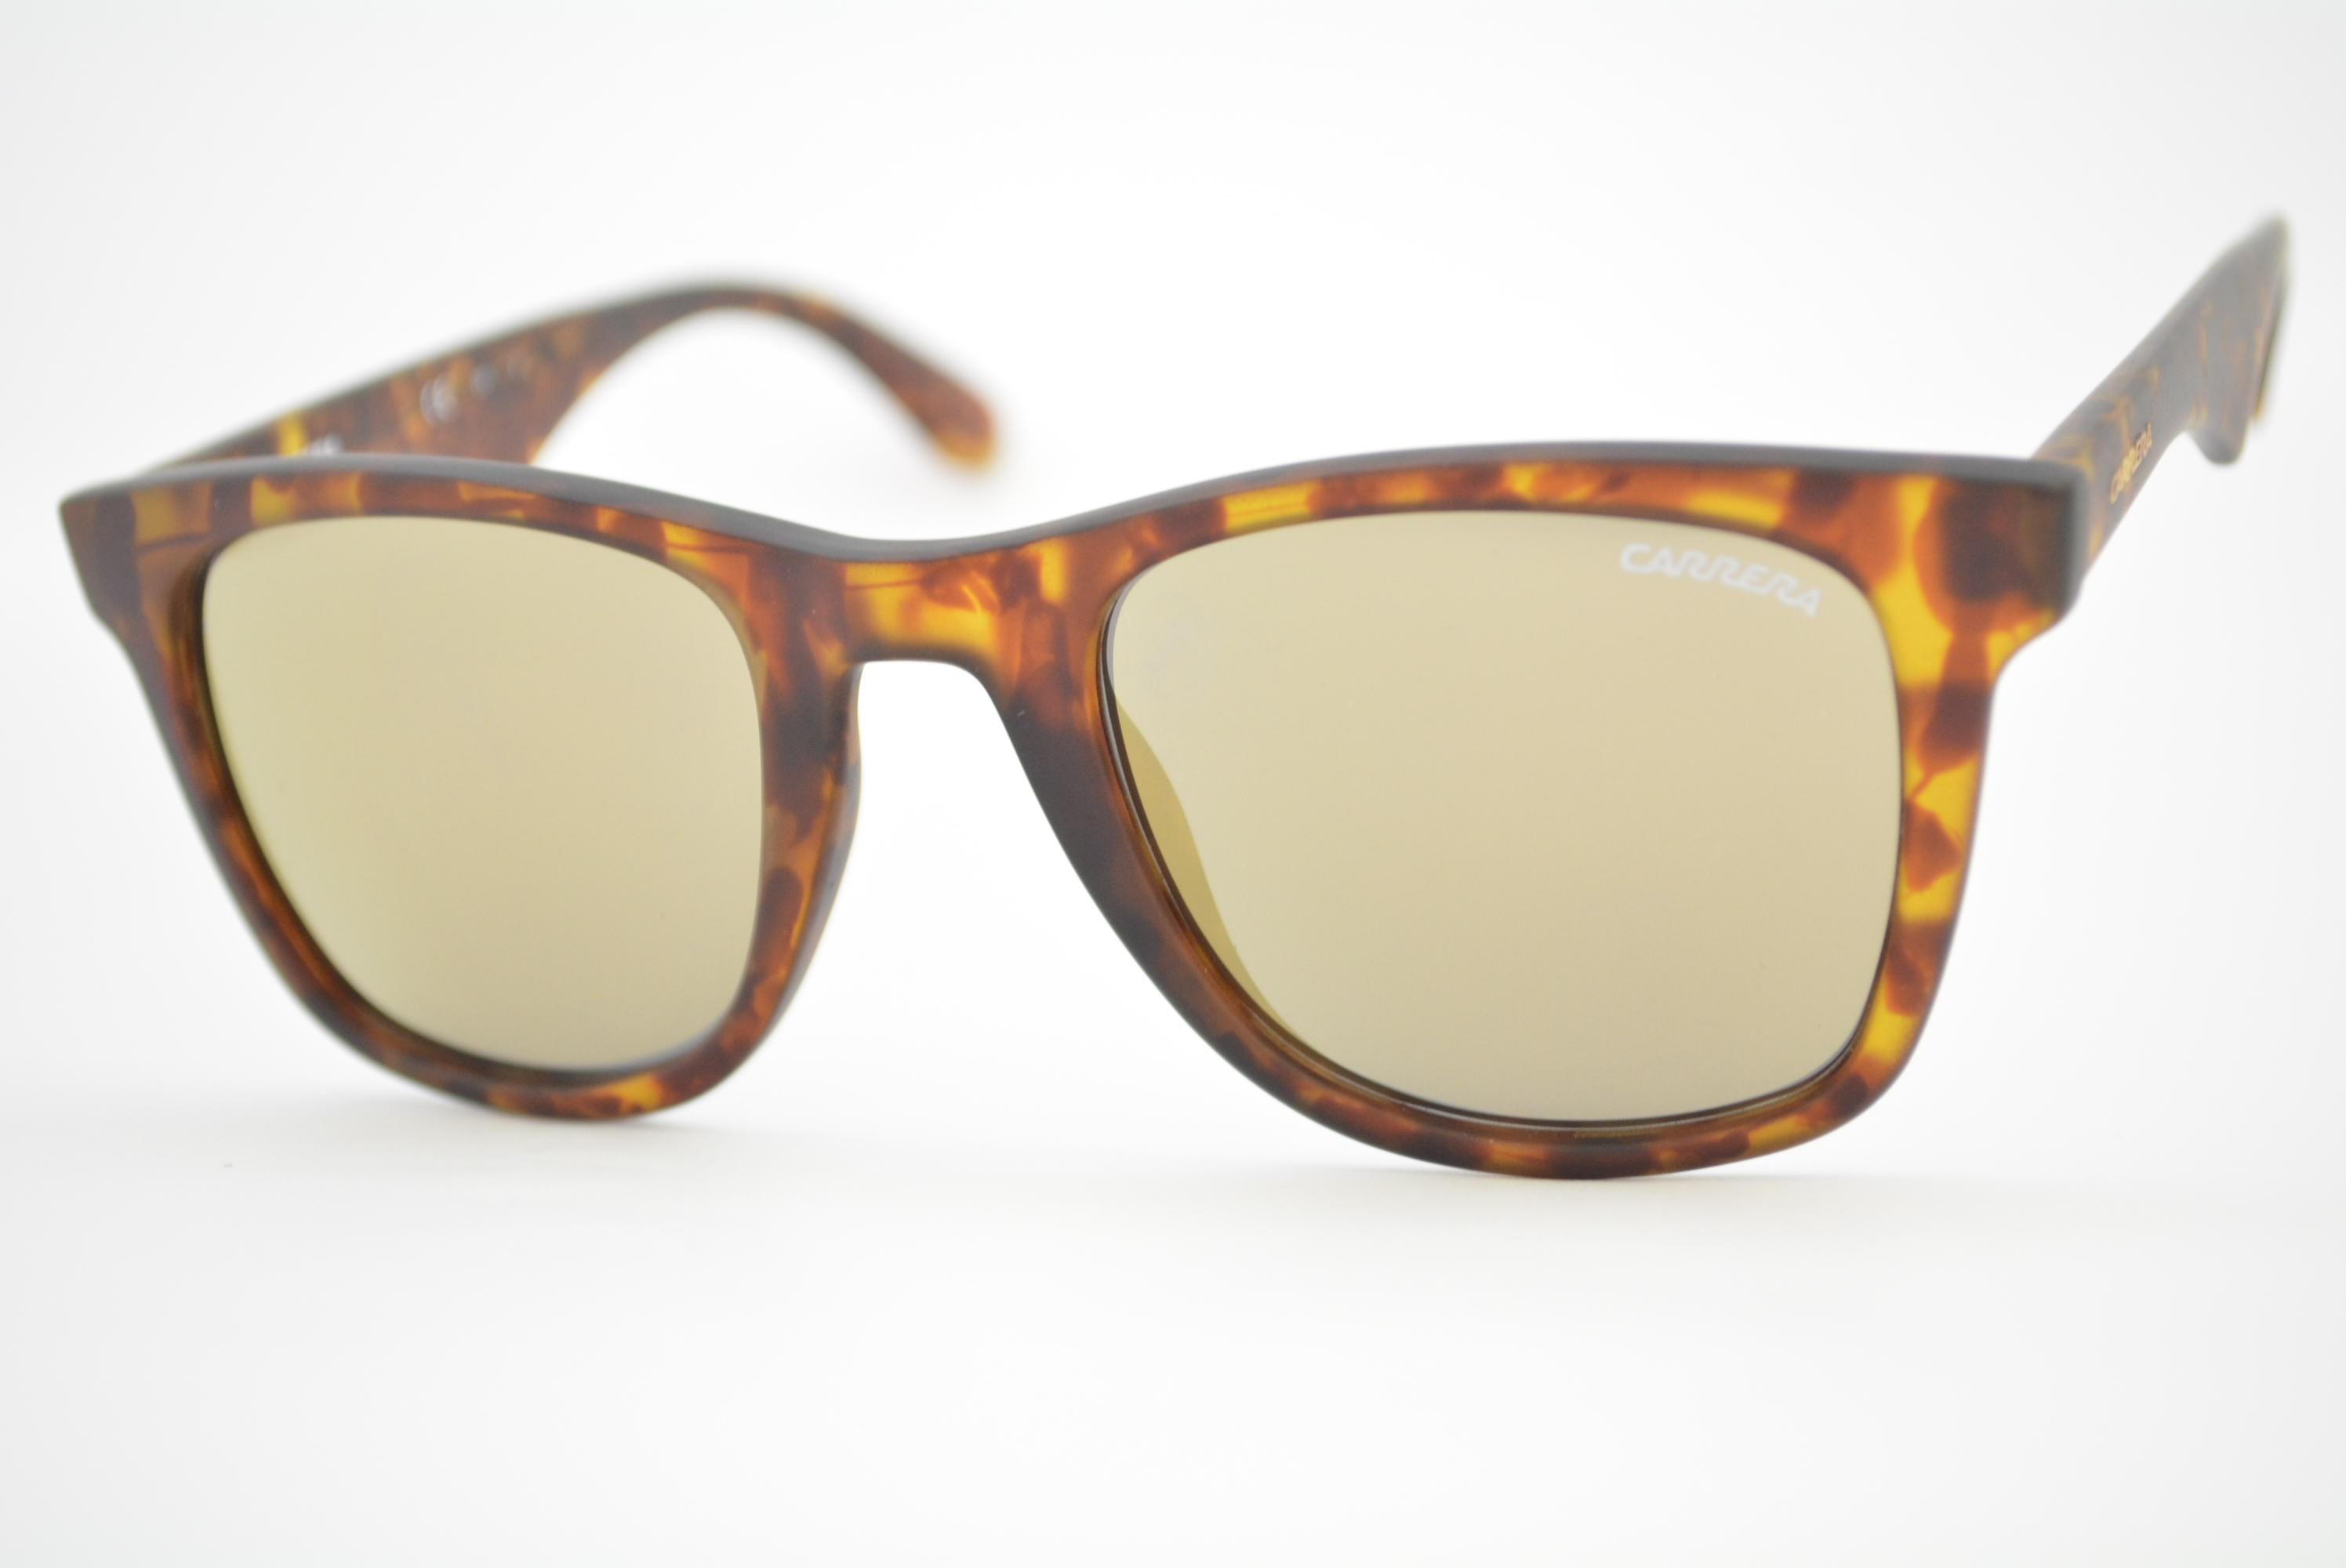 d7750af9af3d2 óculos de sol Carrera mod Carrera 6000 L 853JO Ótica Cardoso